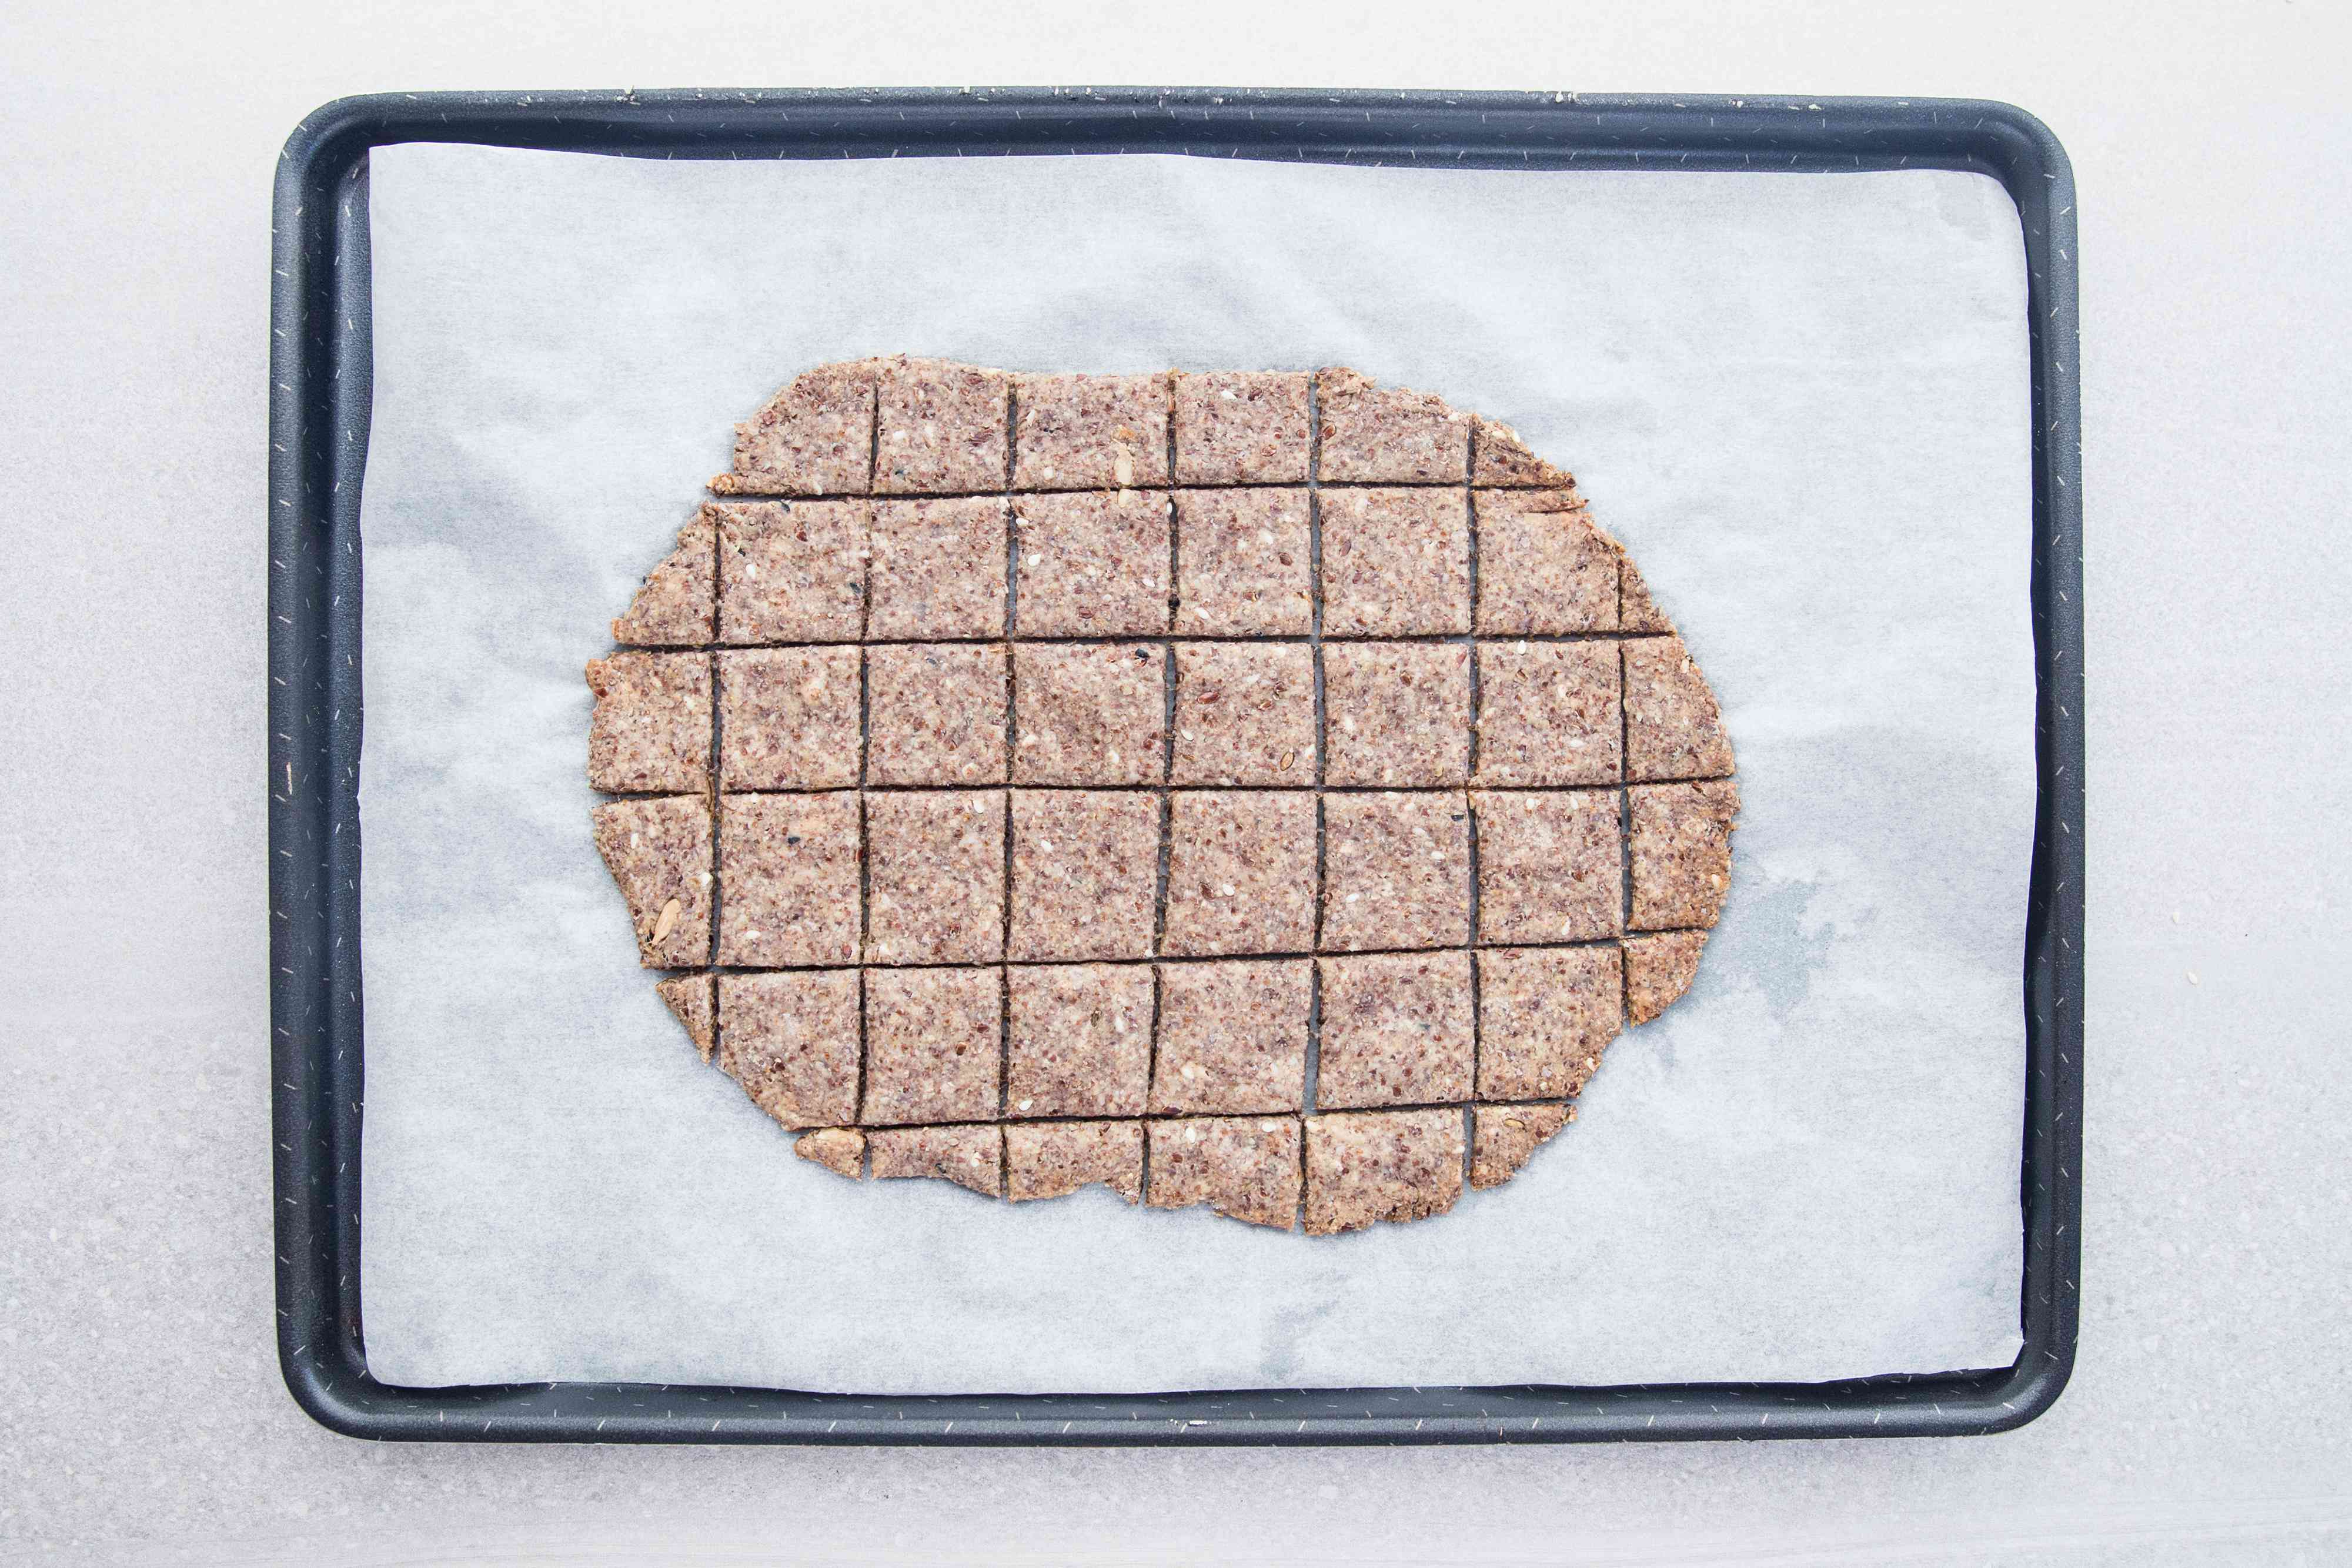 Bake the scored cracker dough on the baking sheet